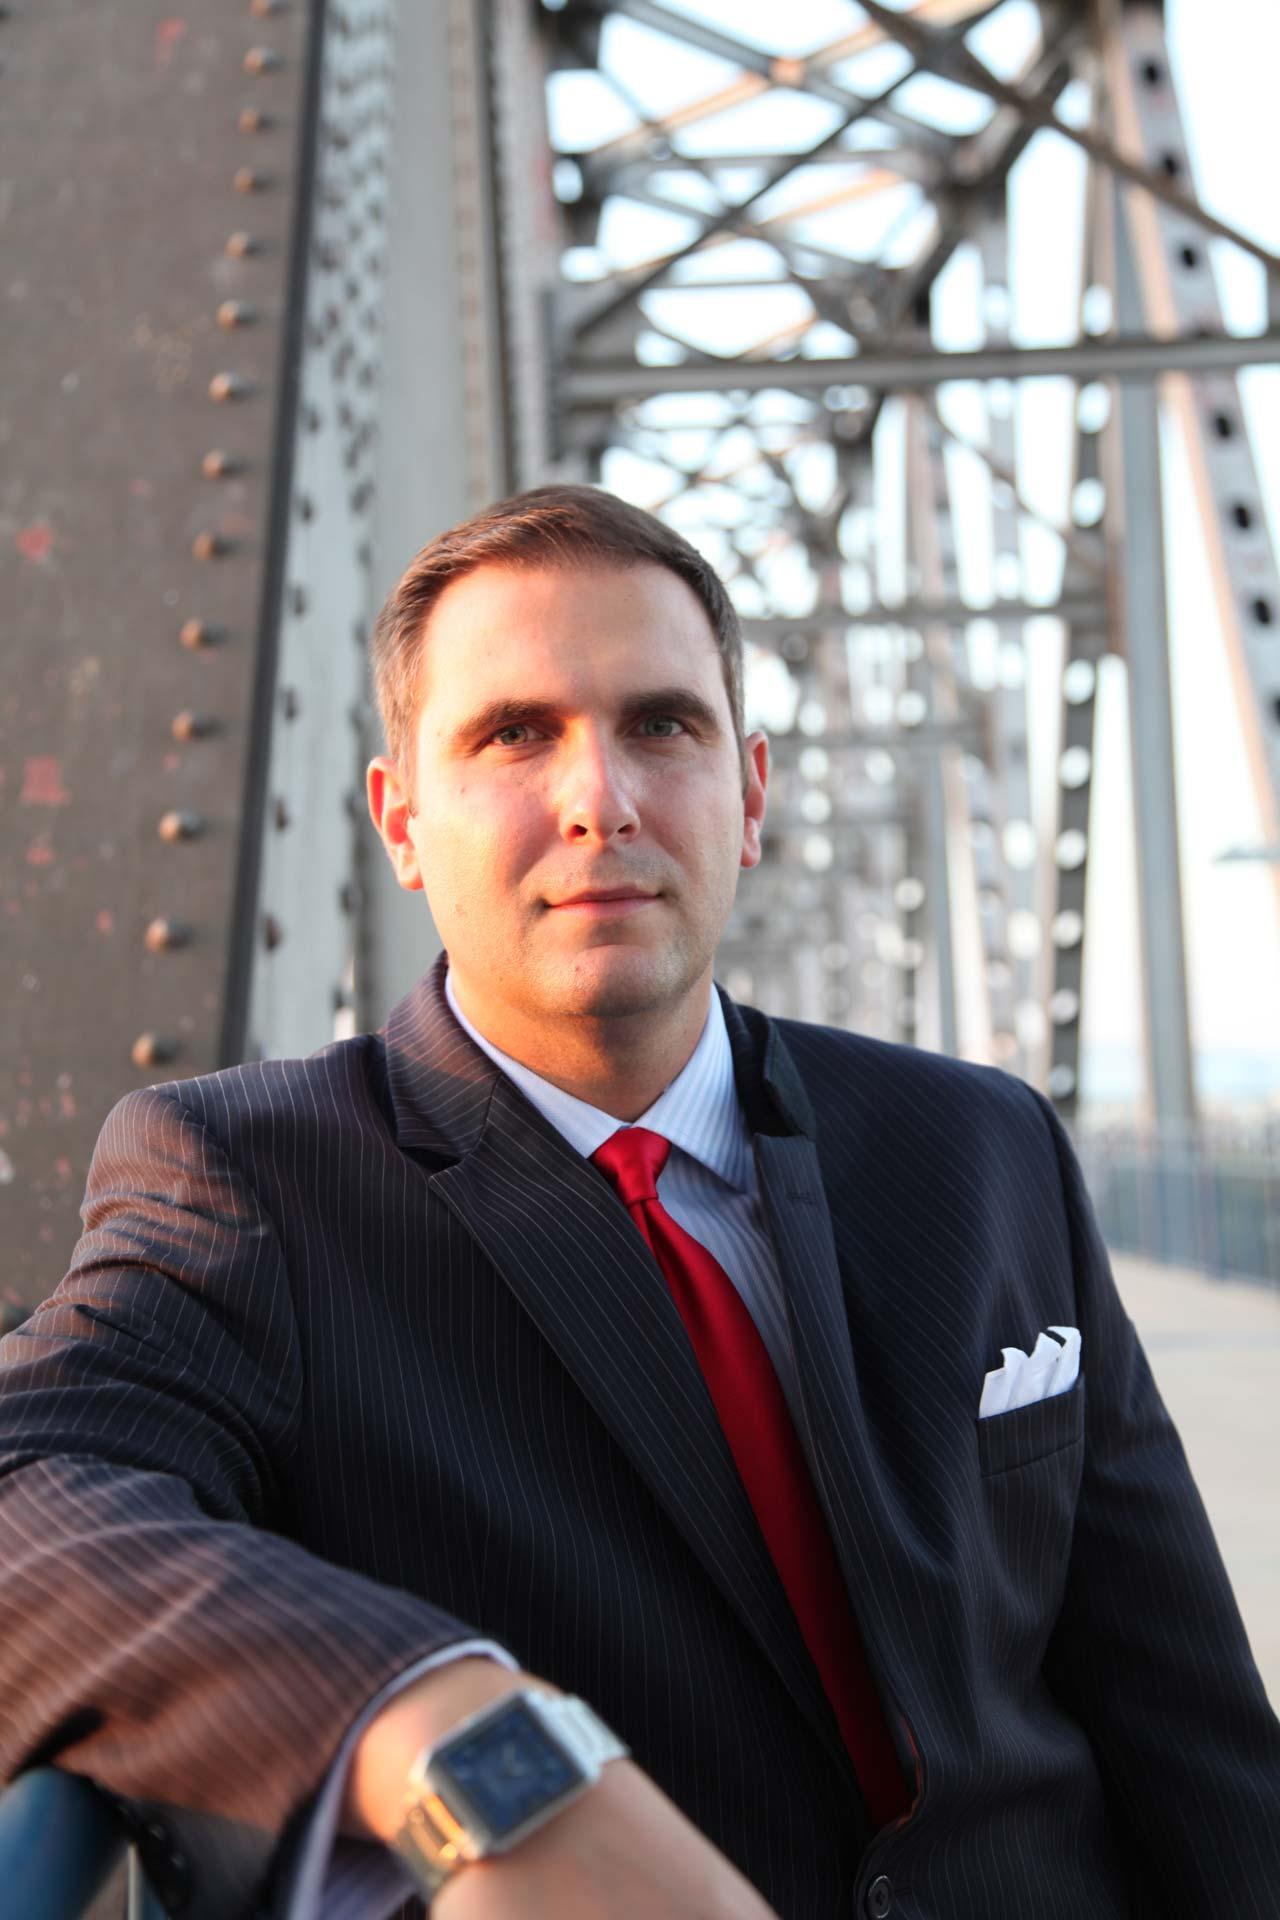 Toney Brausuell - Arkansas Criminal Attorney